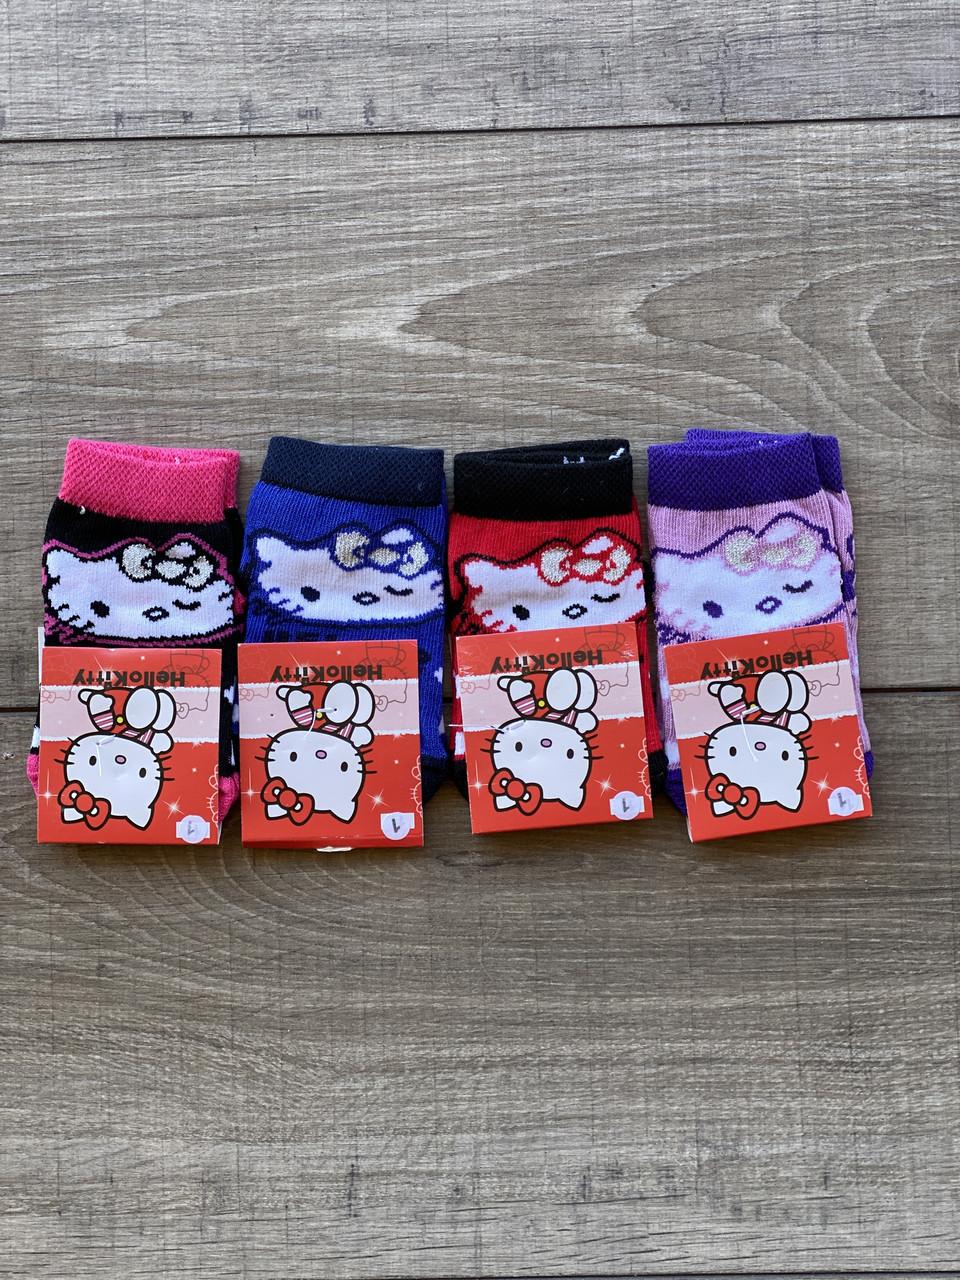 Дитячі шкарпетки H & M підліткові бамбук для дівчаток Hello Kitty 1,11 років 12 шт в уп мікс 4х кольорів